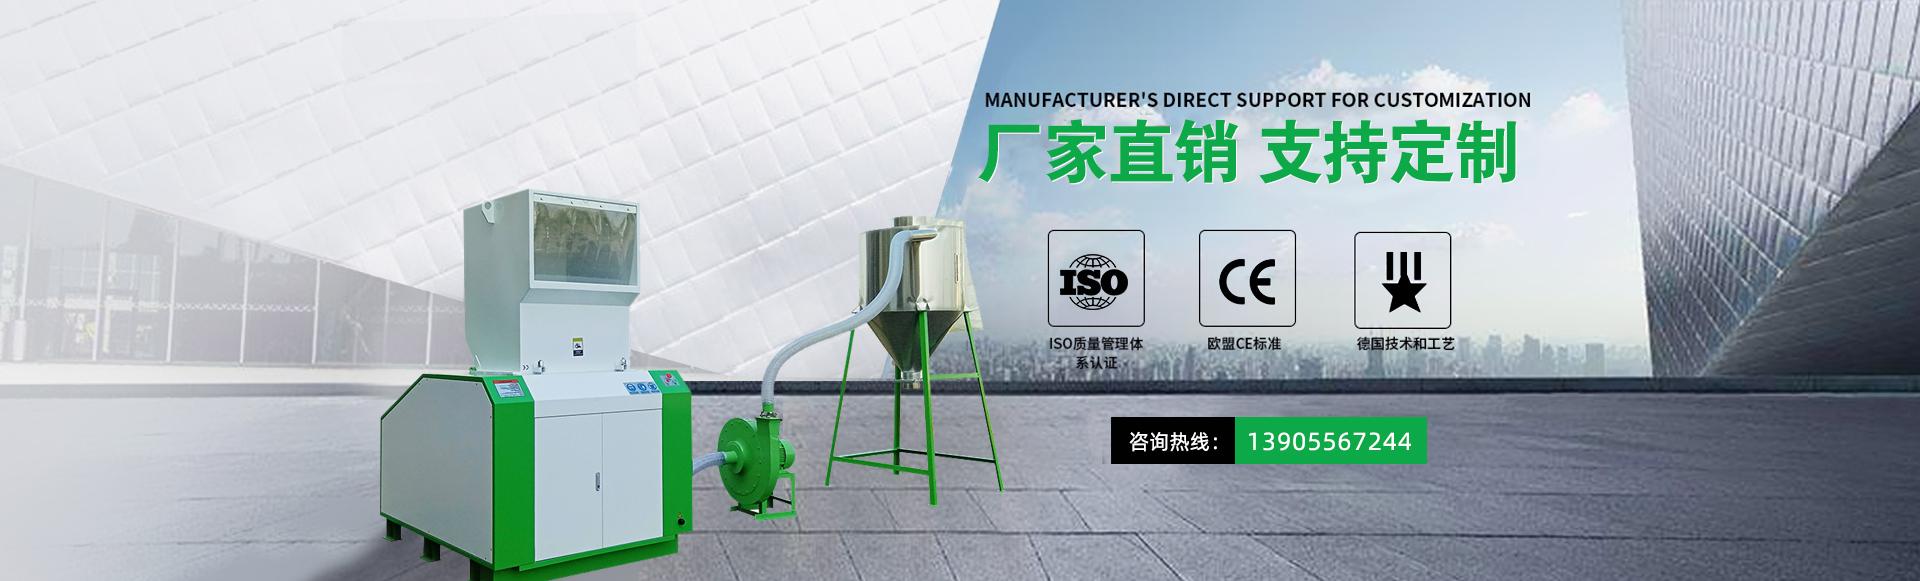 安徽省凯峰塑料机械有限公司